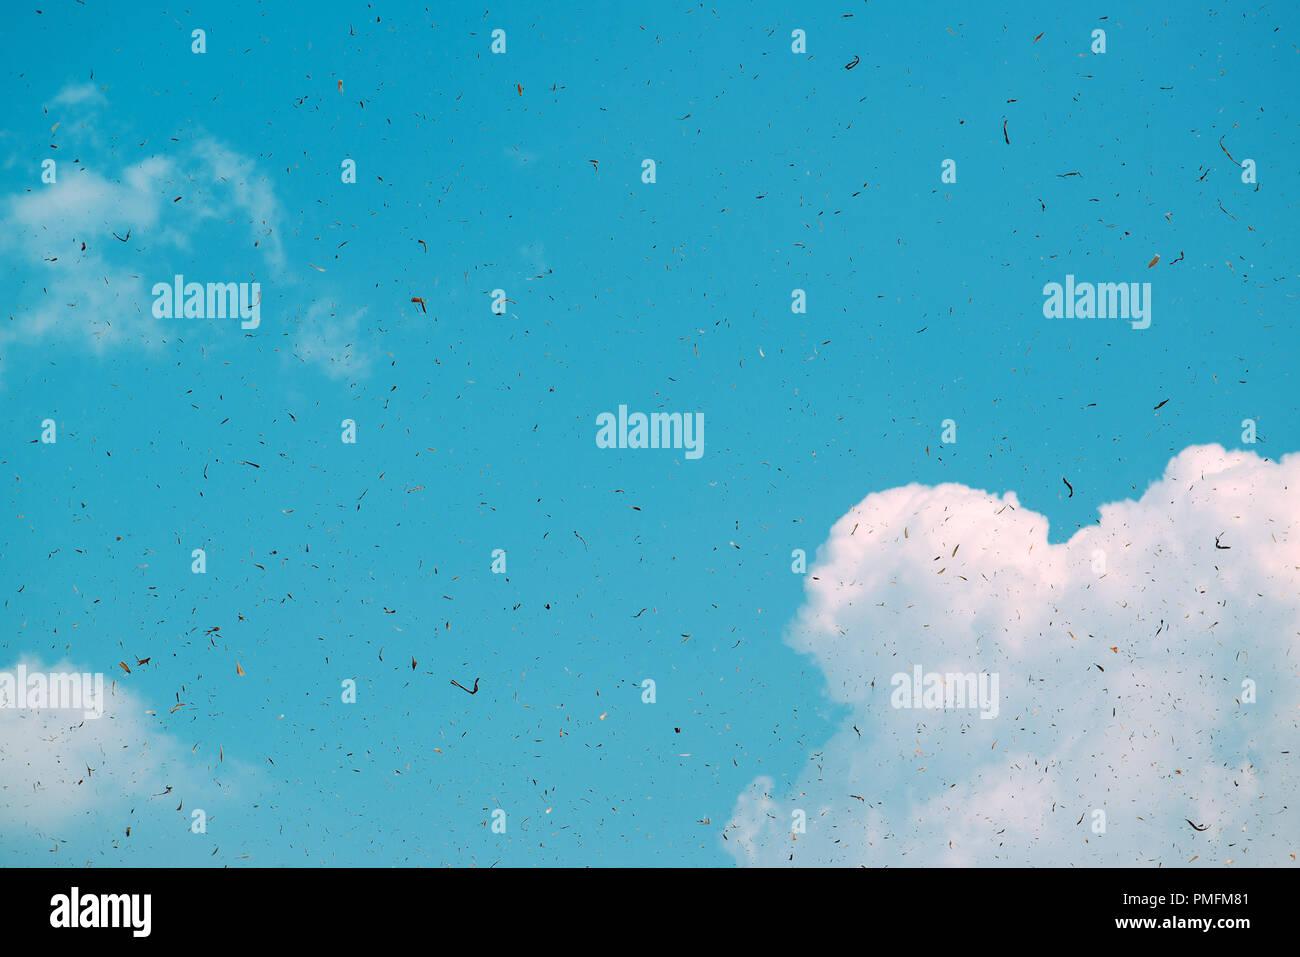 Staub- und Schmutzpartikel in der Luft, als Grunge Hintergrund Stockbild